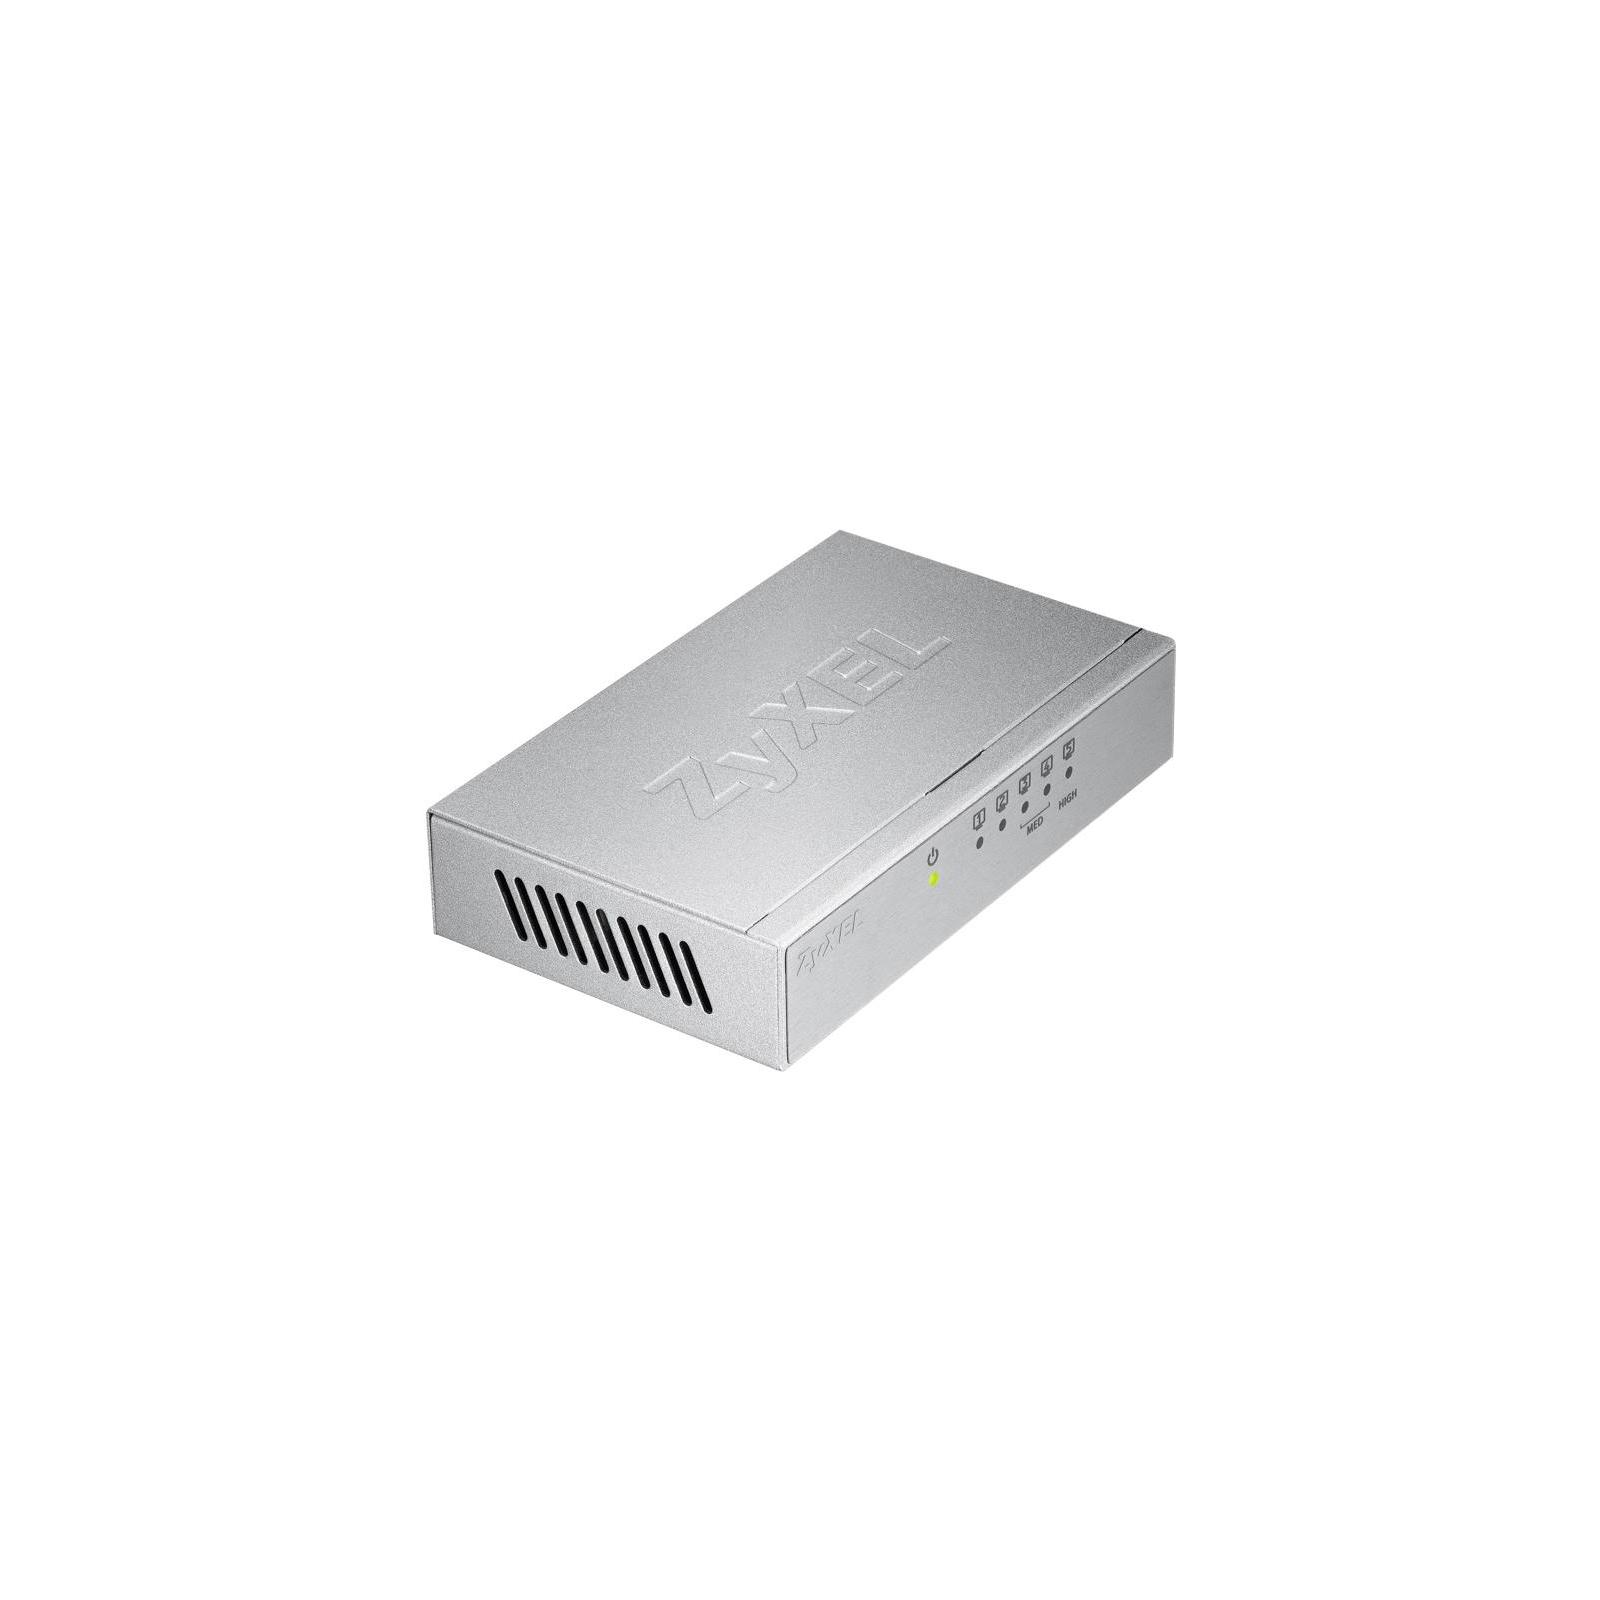 Коммутатор сетевой ZyXel GS-105B v3 (GS-105BV3-EU0101F) изображение 3